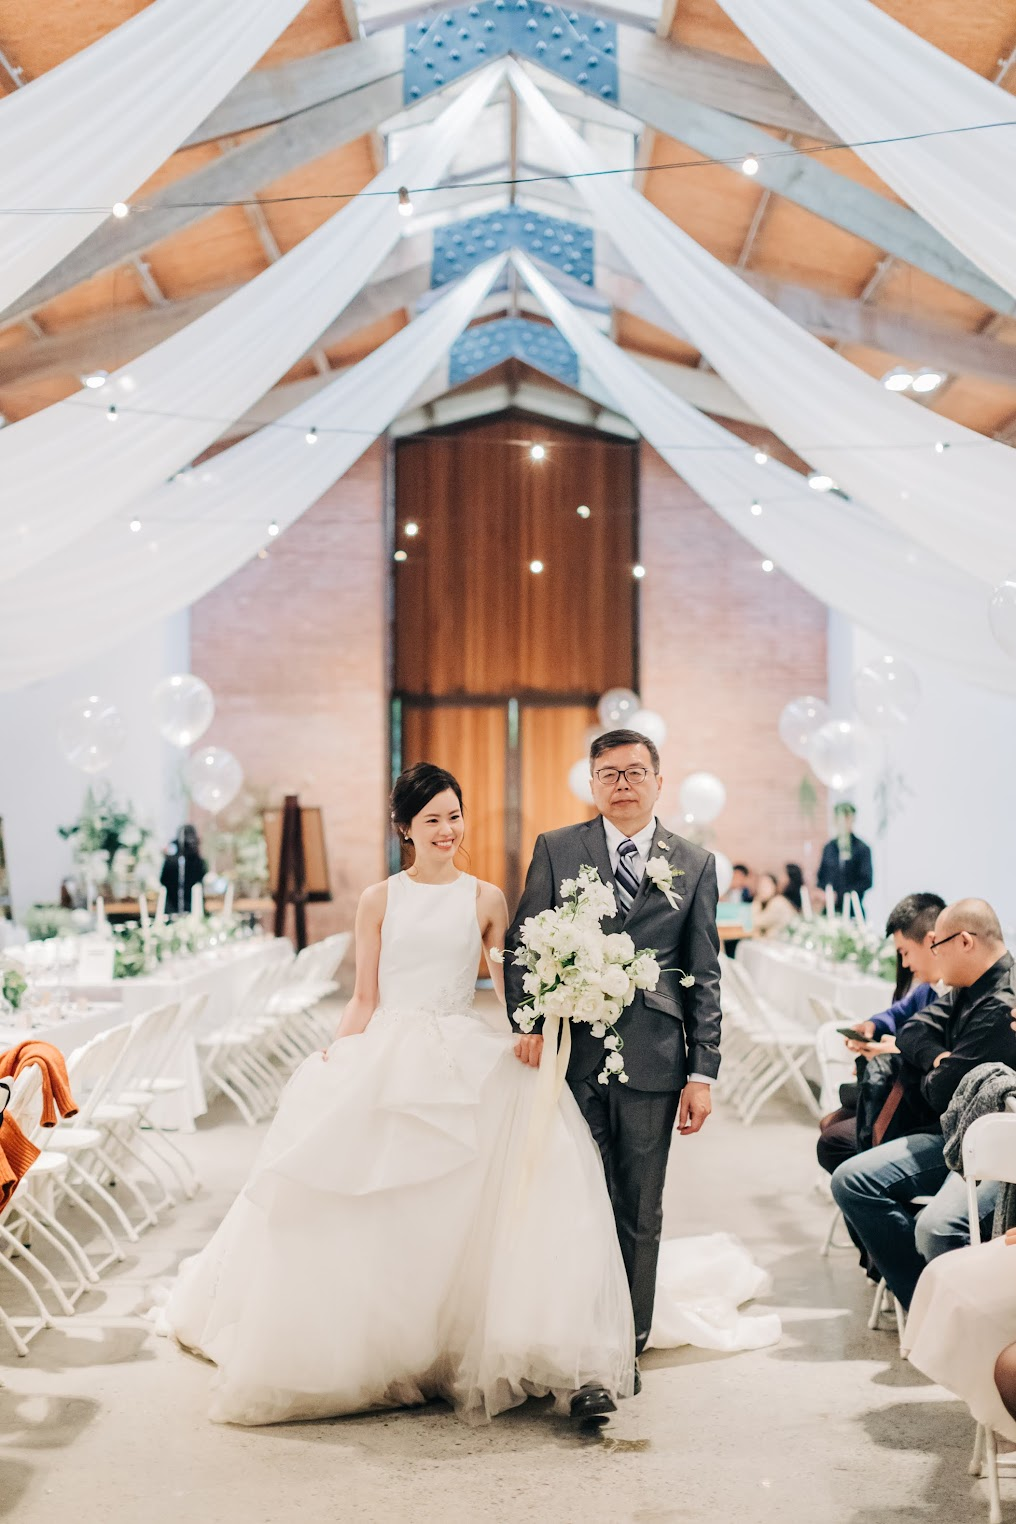 顏氏牧場婚禮,Amazing Grace婚攝,AG婚攝,美式婚禮紀錄,婚攝Adam,戶外證婚